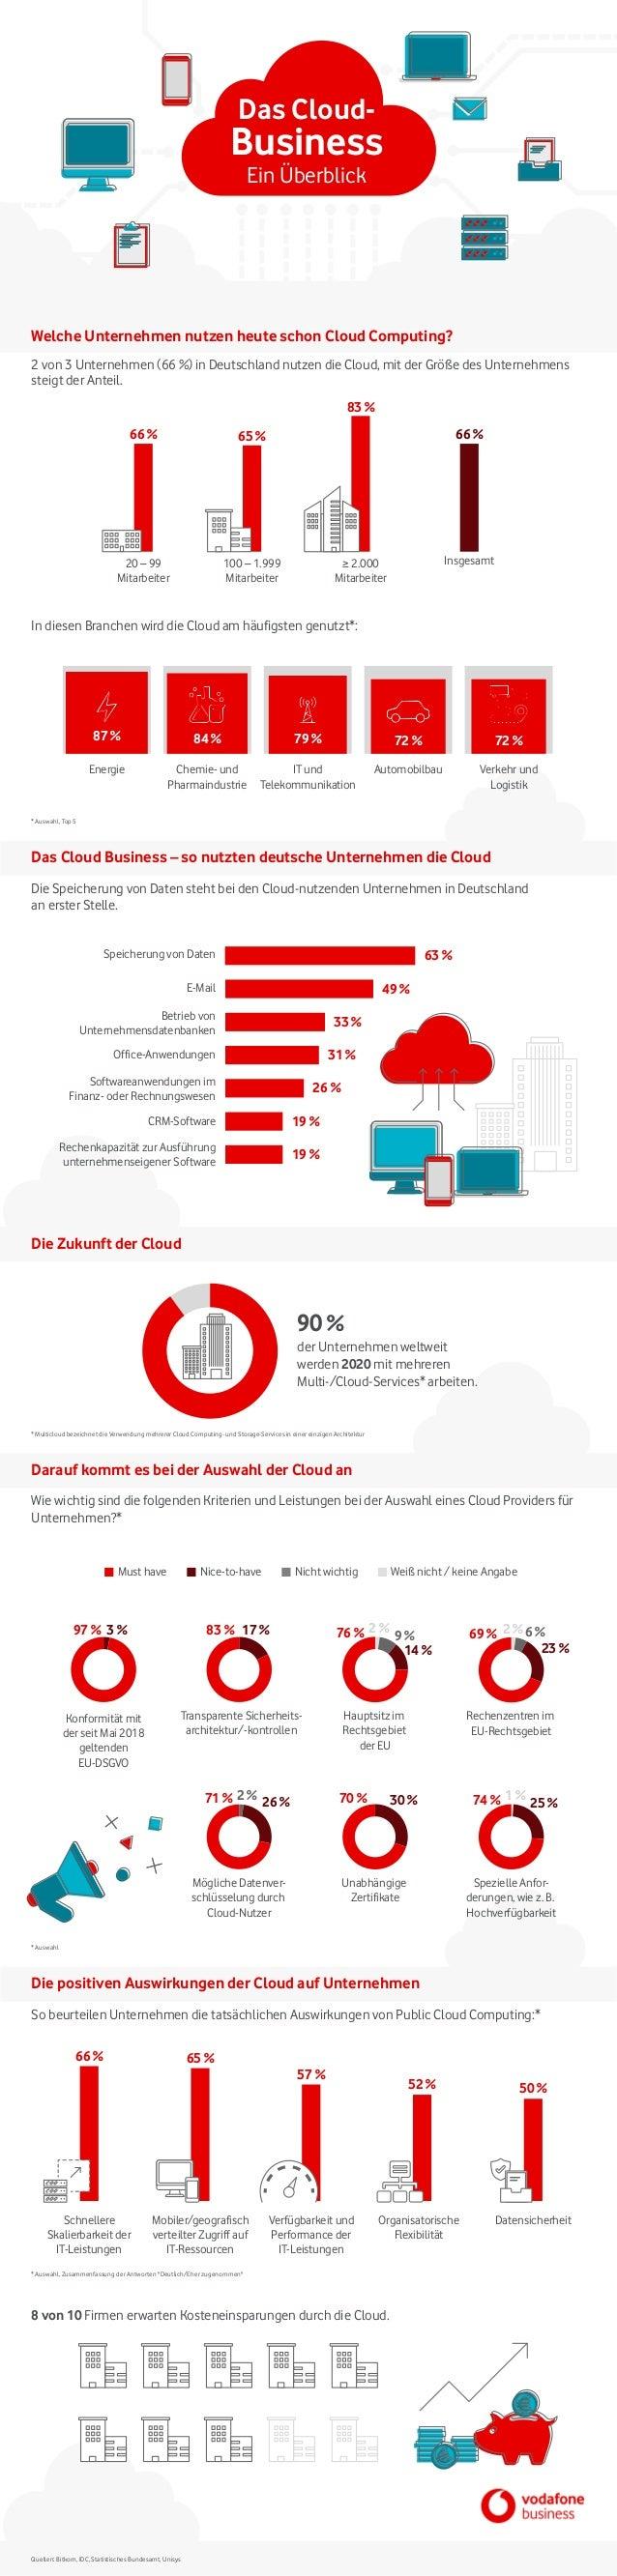 Must have Nice-to-have Nicht wichtig Weiß nicht / keine Angabe Das Cloud- Business Ein Überblick Welche Unternehmen nutzen...